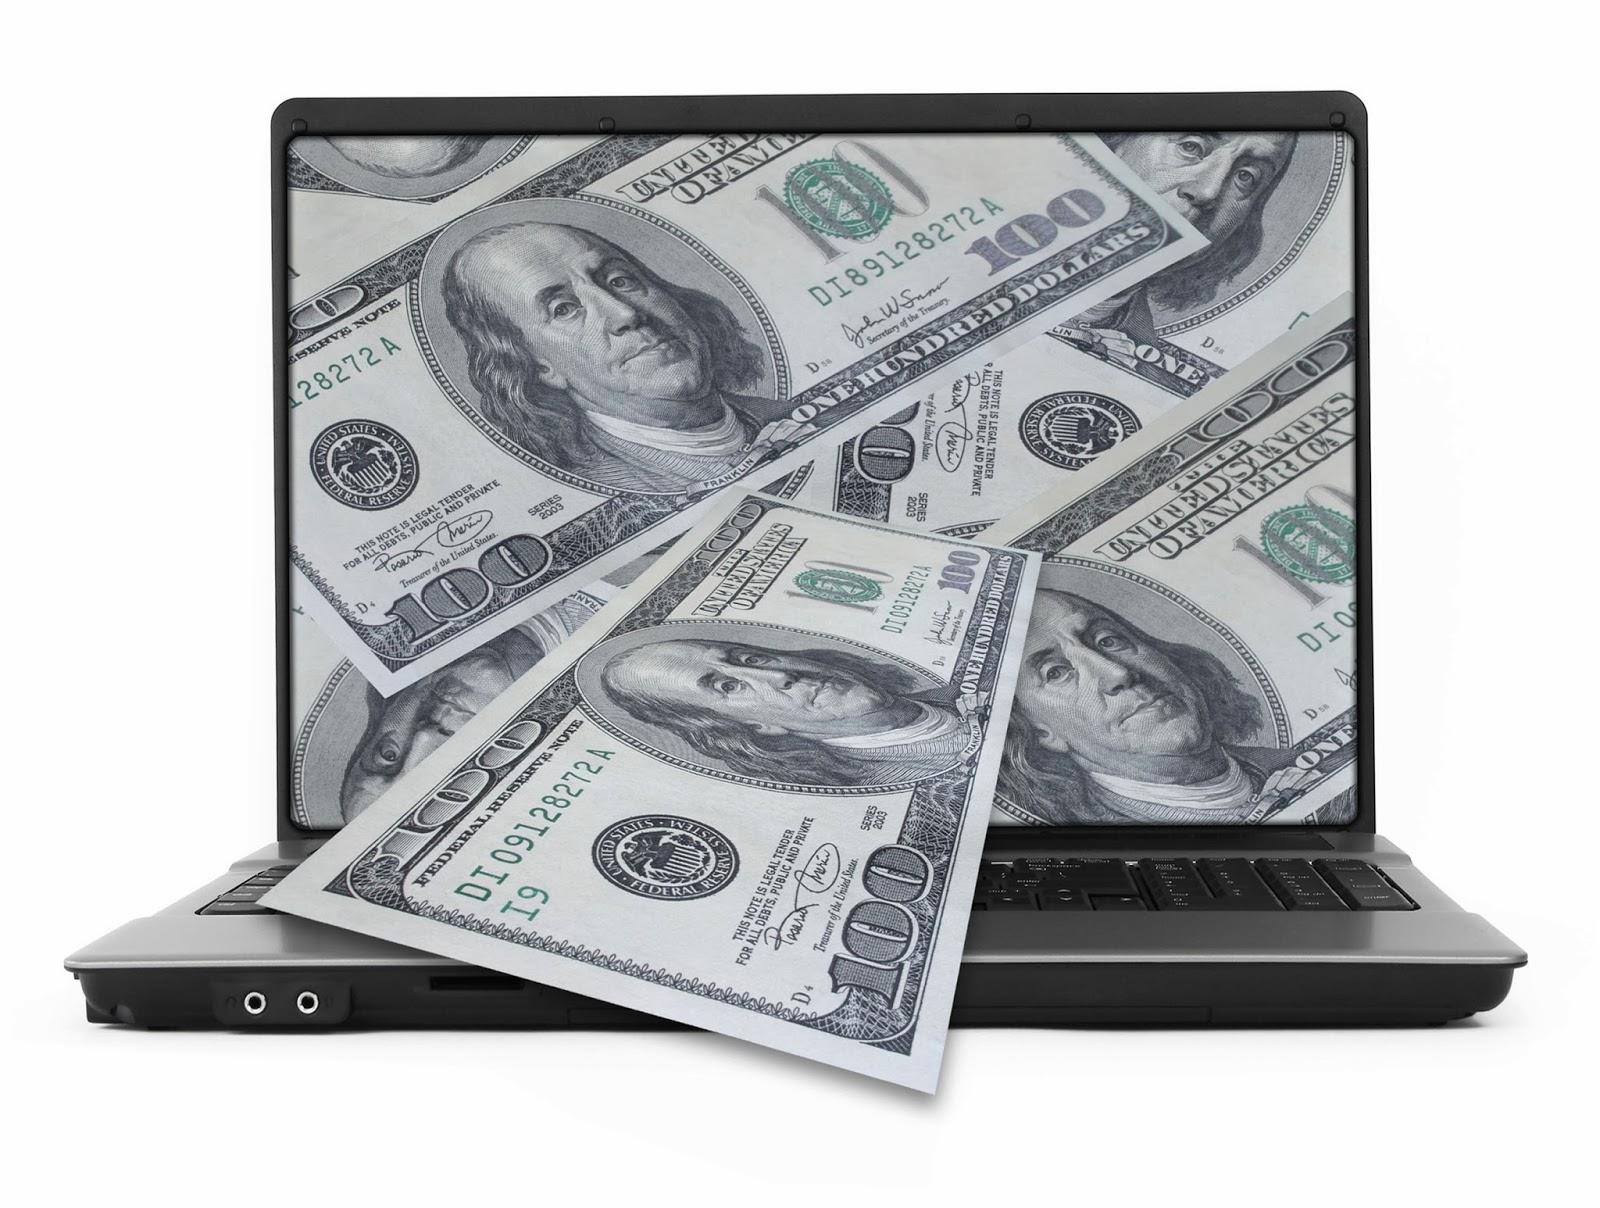 онлайн казино вулкан играть на деньги с бонусом за регистрацию